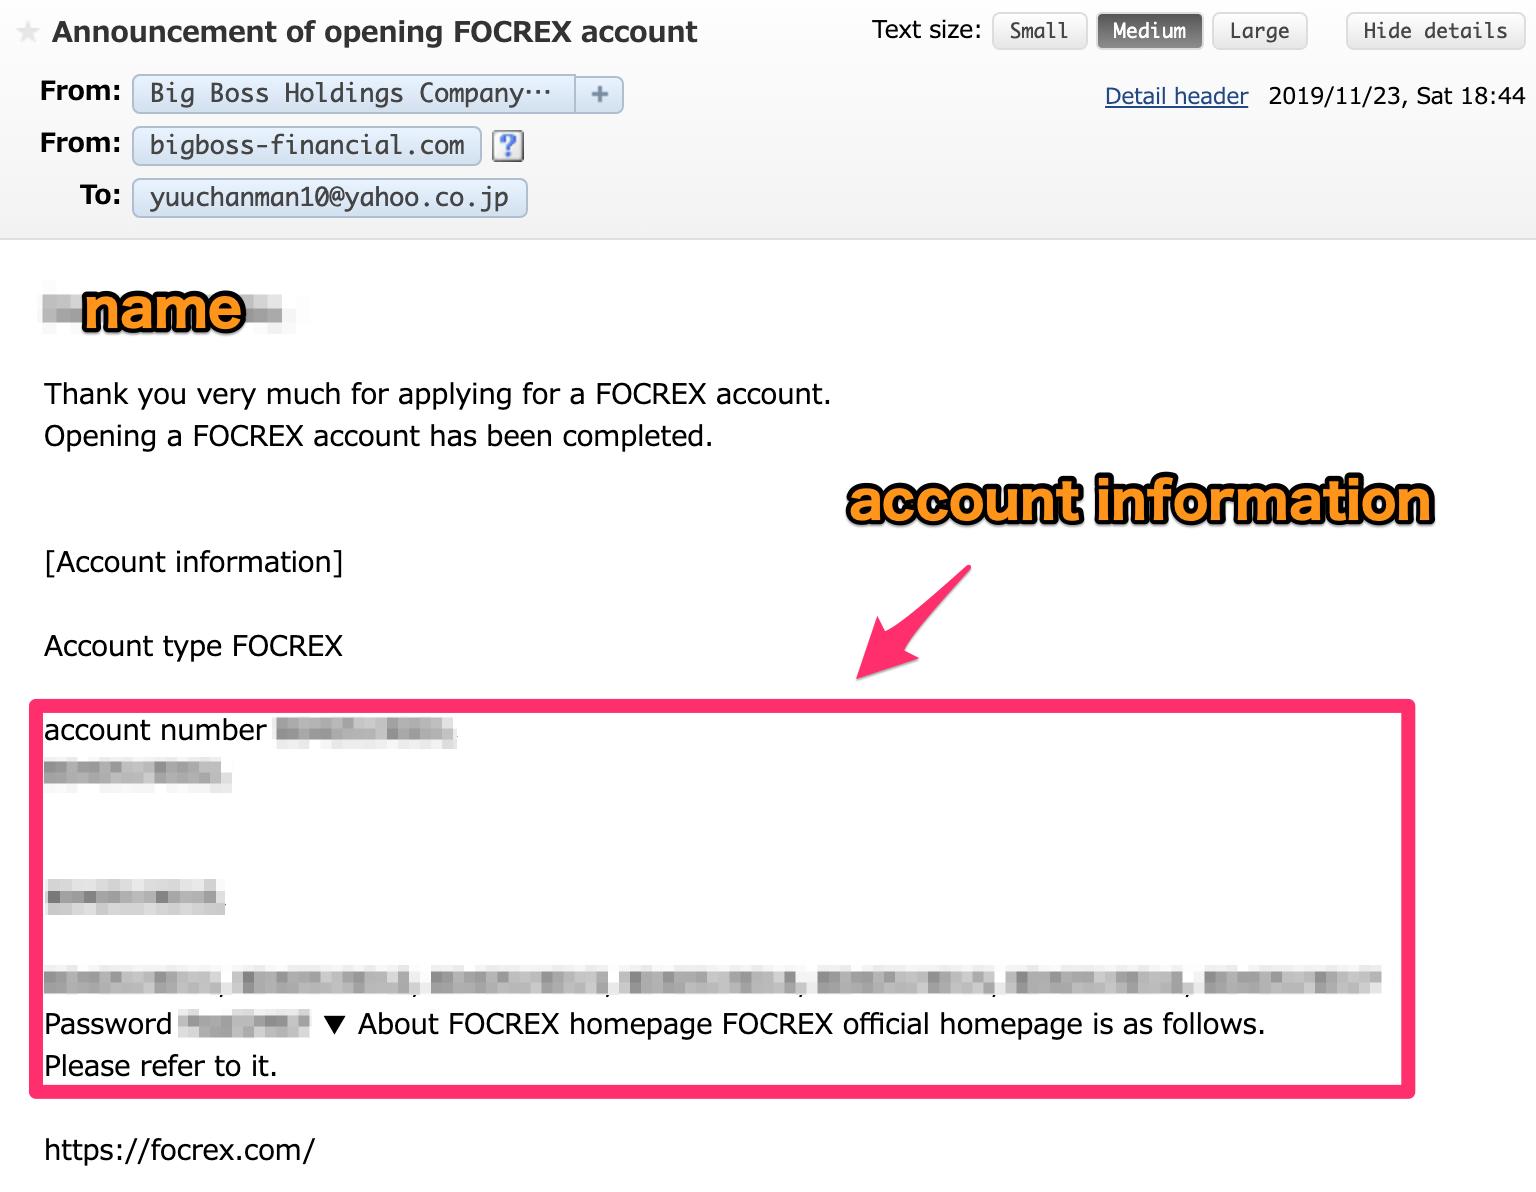 FOCREX account information